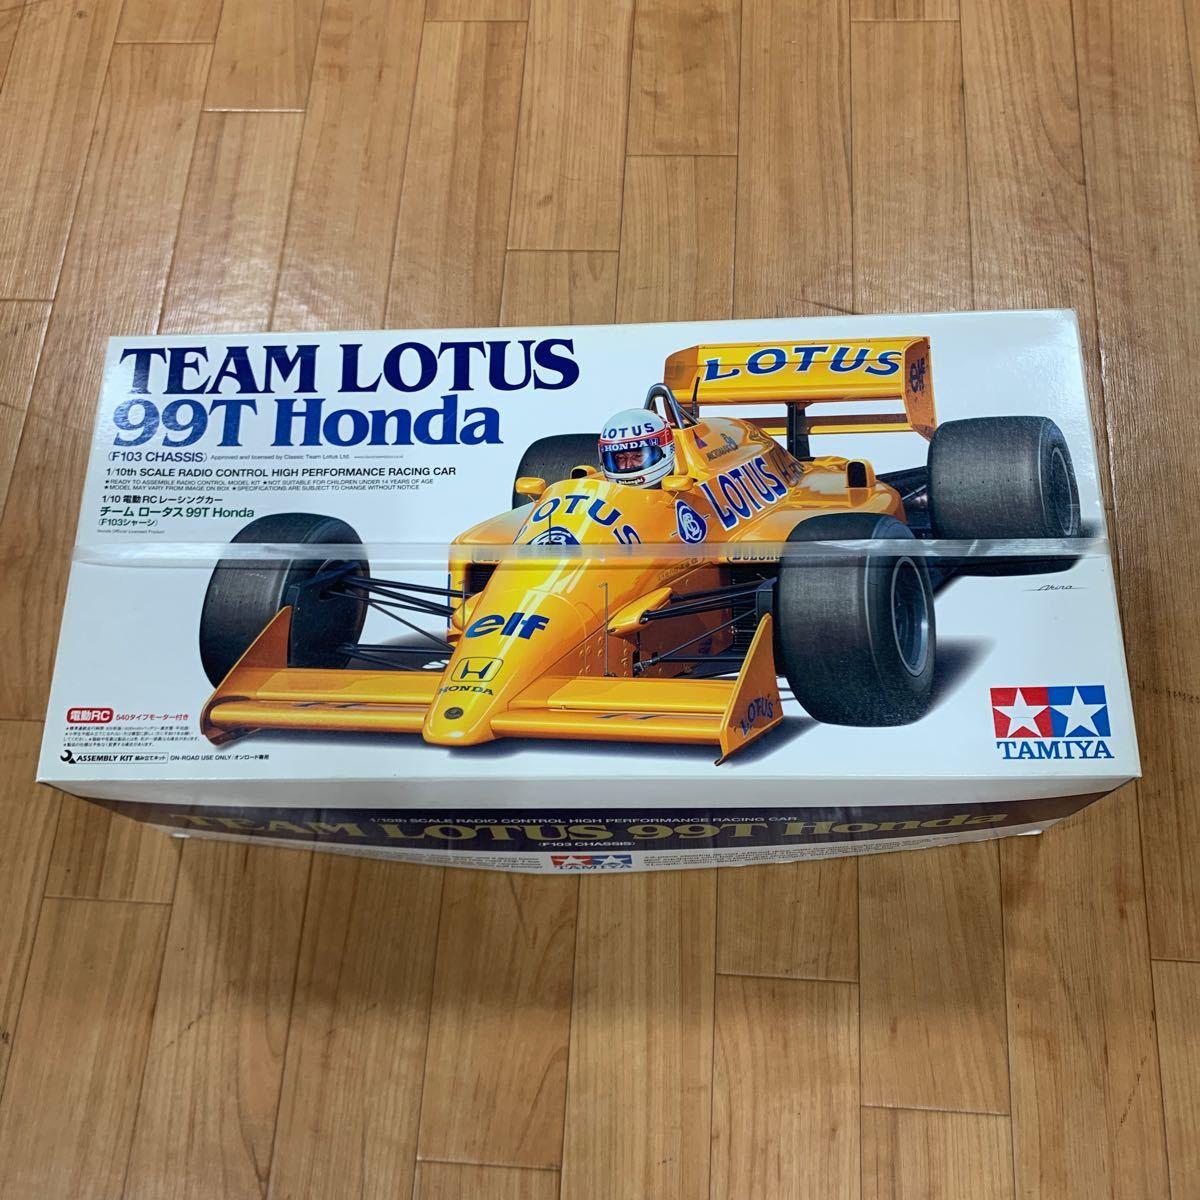 タミヤ  TAMIYA RC限定シリーズ  チーム ロータス 99T Honda (F103シャーシ)